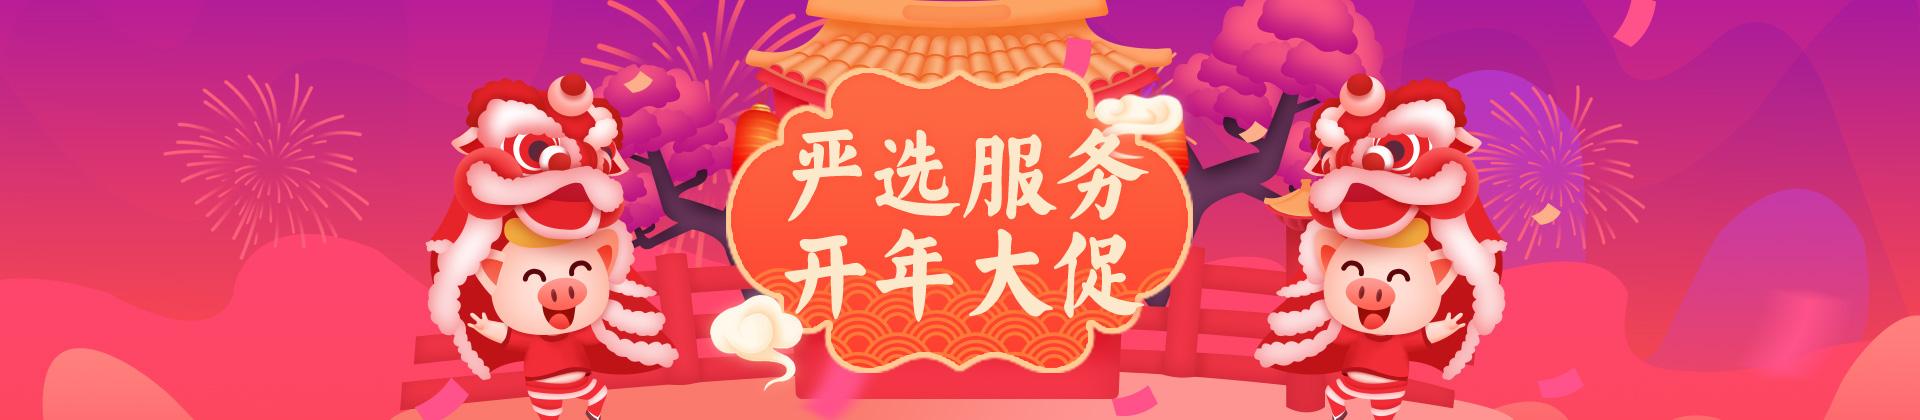 八戒严选内部banner